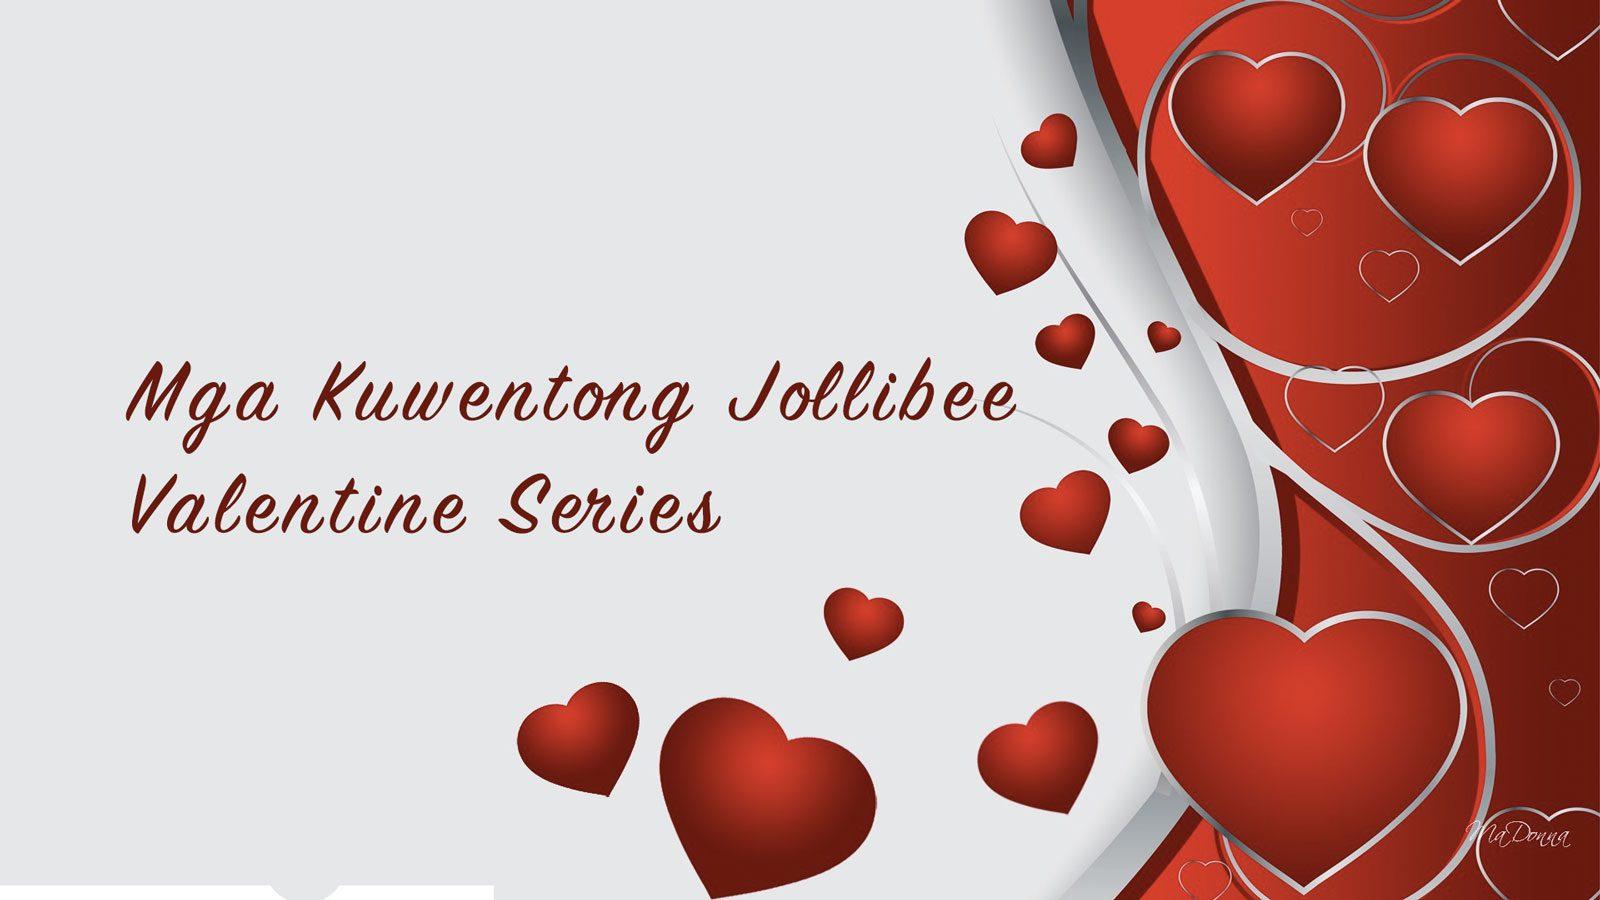 Kuwentong Jollibee Valentine Series